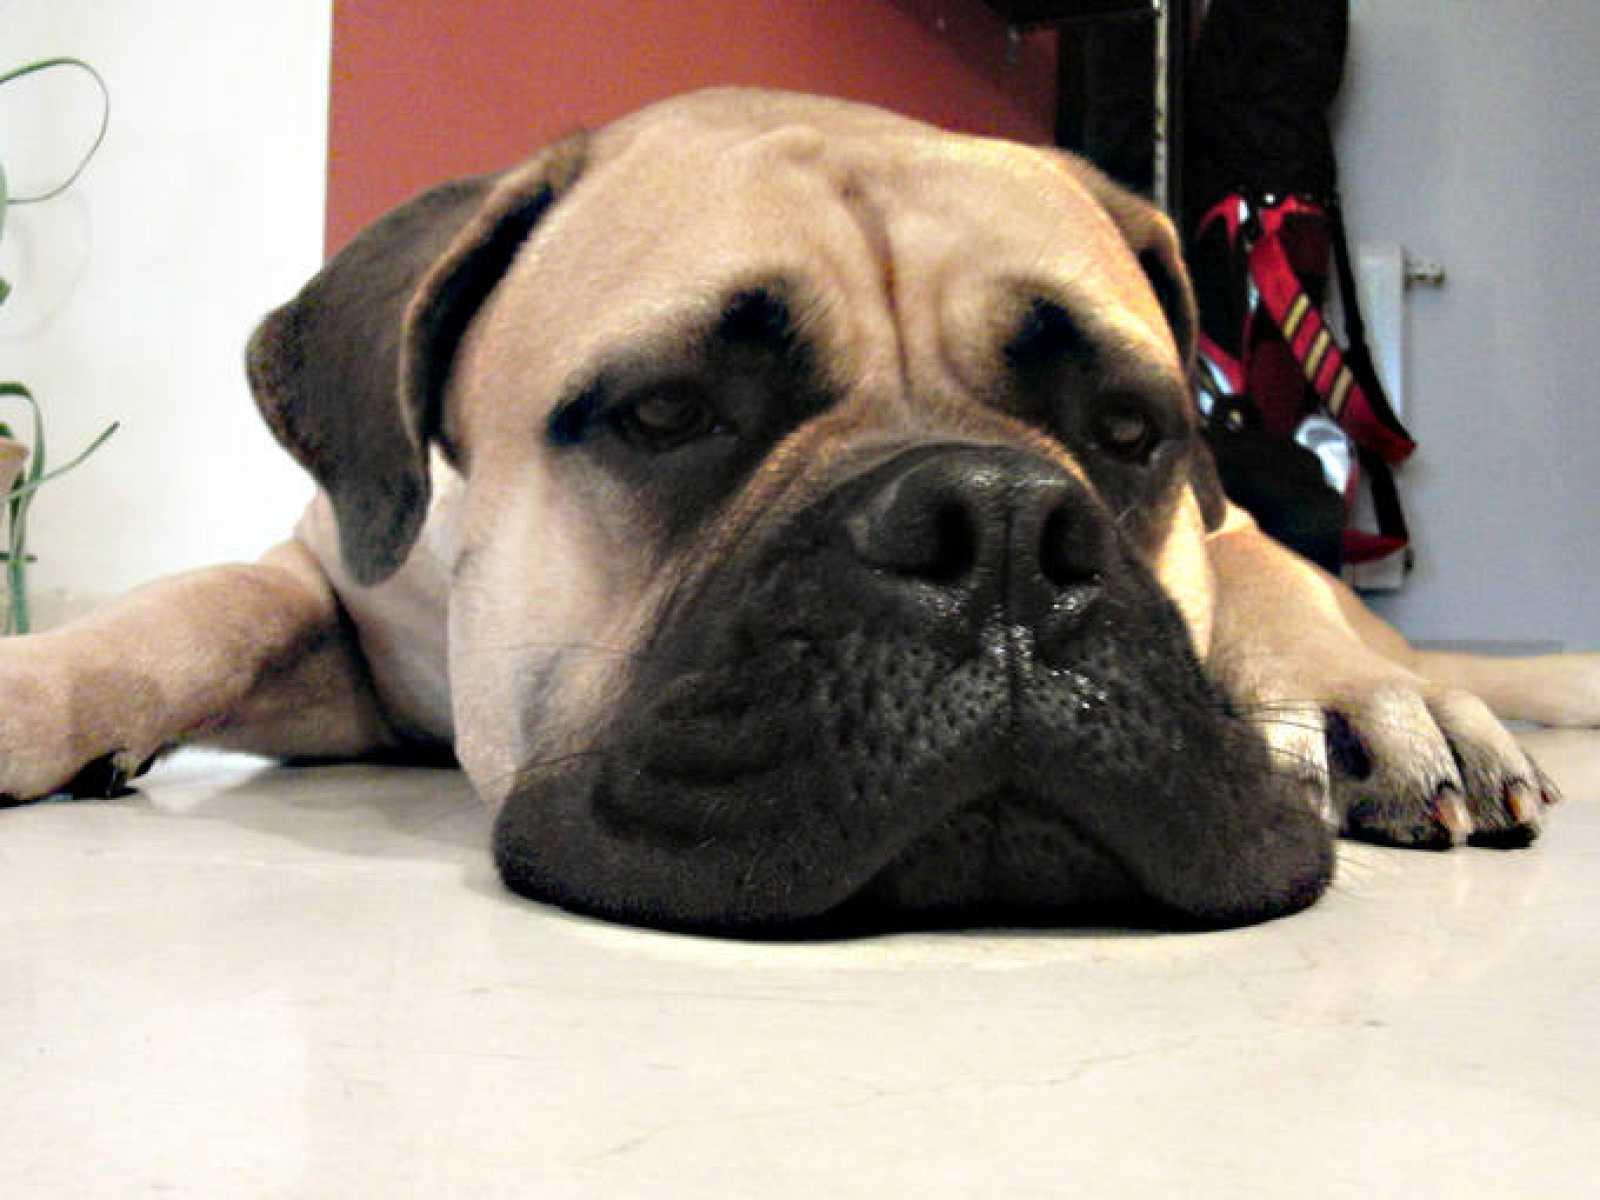 Los perros ansiosos también son pesimistas